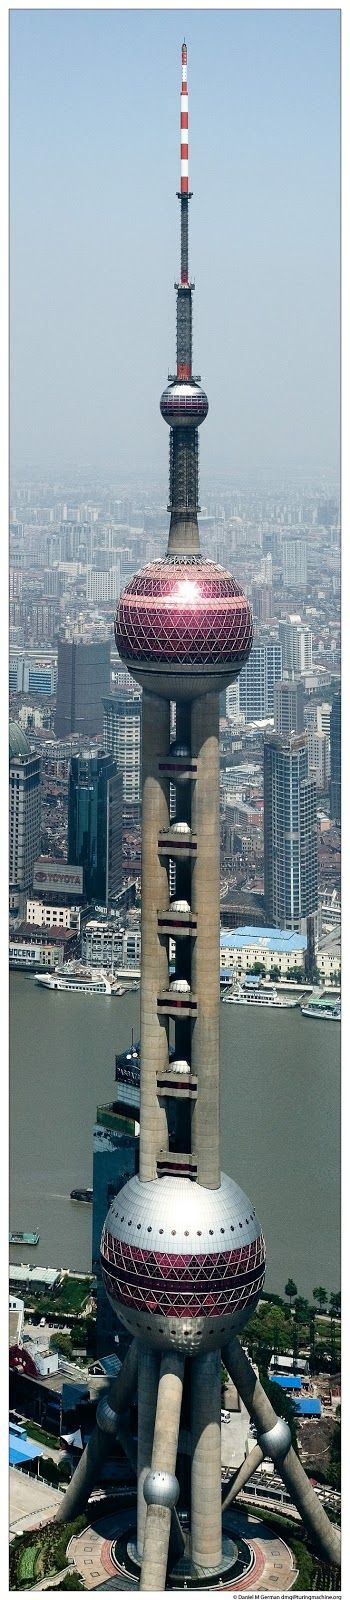 """Tôrre """"Pérola do Oriente"""". Tôrre: Televisiva, Restaurante, Hotel. Altura: 350m(até o 'telhado'). Andares: 14. Elevadores: 6. Arquiteto: Companhia de Design Arquitetural Moderno de Shaghai. Shaghai, China."""